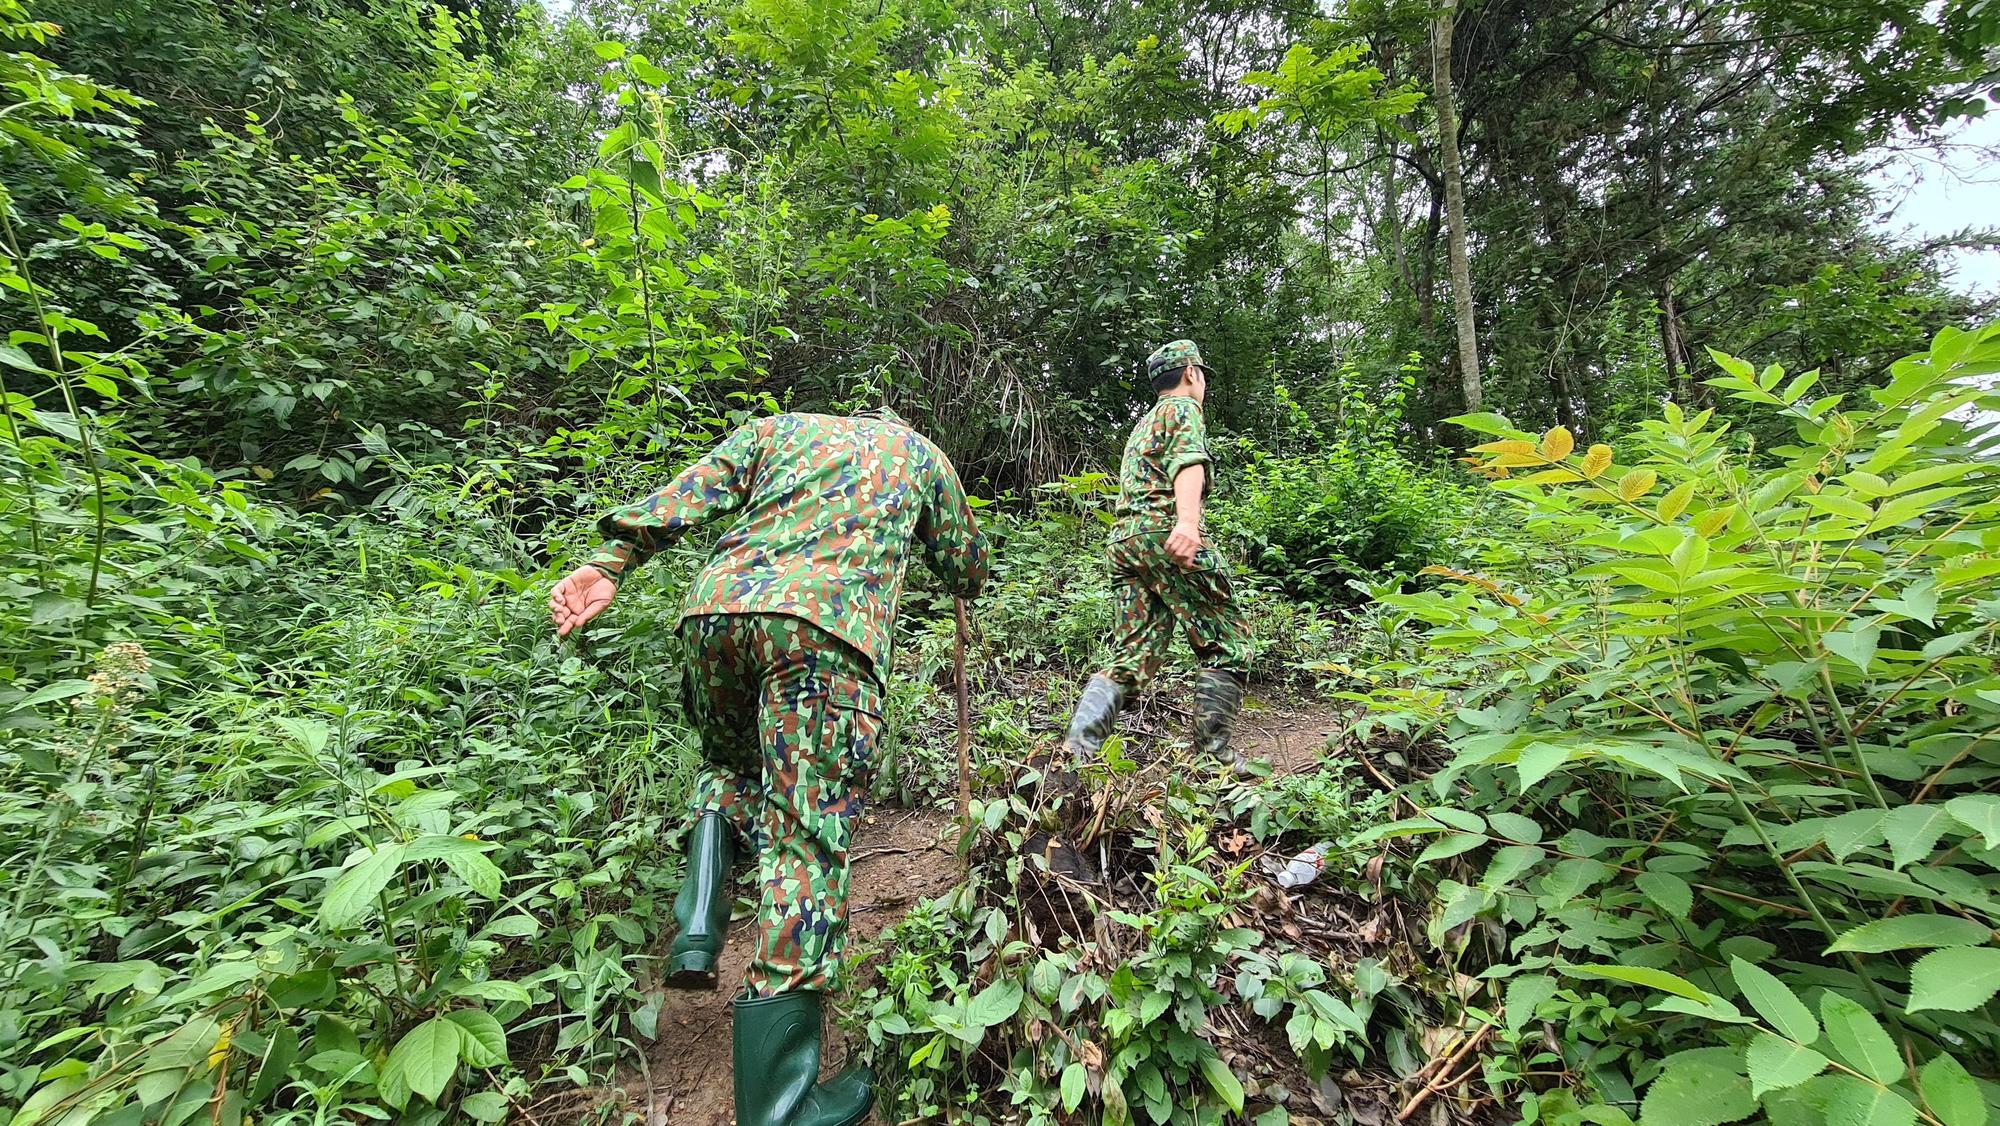 Vụ 4 người bị chém ở Lạng Sơn: Tiết lộ tình tiết rùng rợn về nghi phạm - Ảnh 1